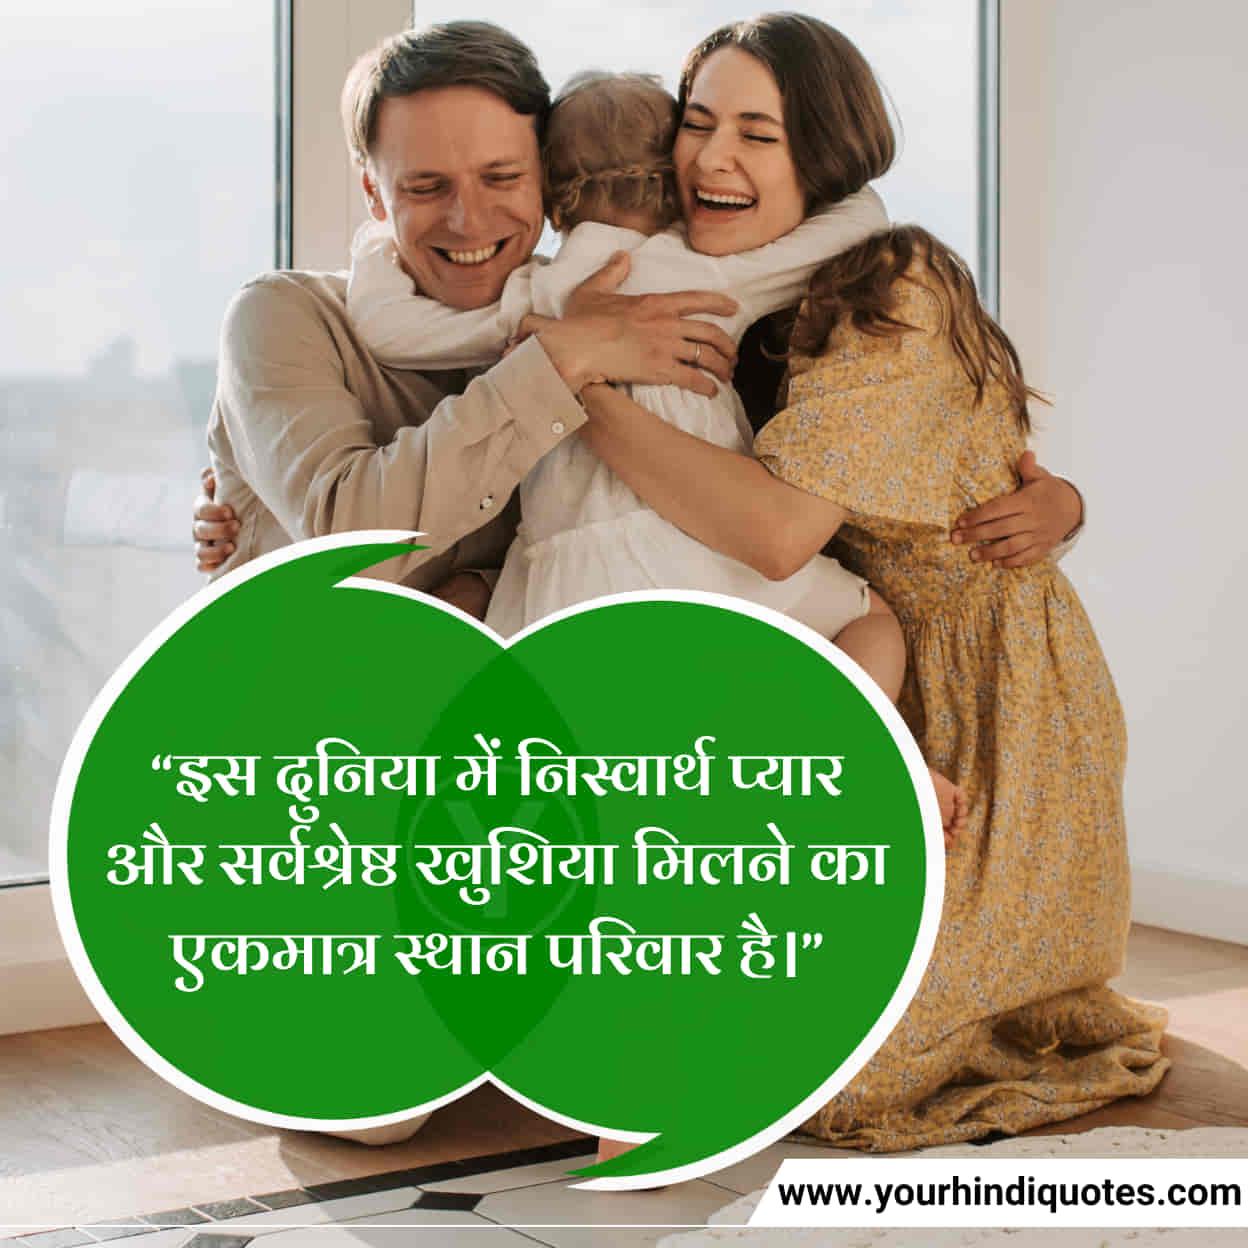 Hindi Happy Family Quotes